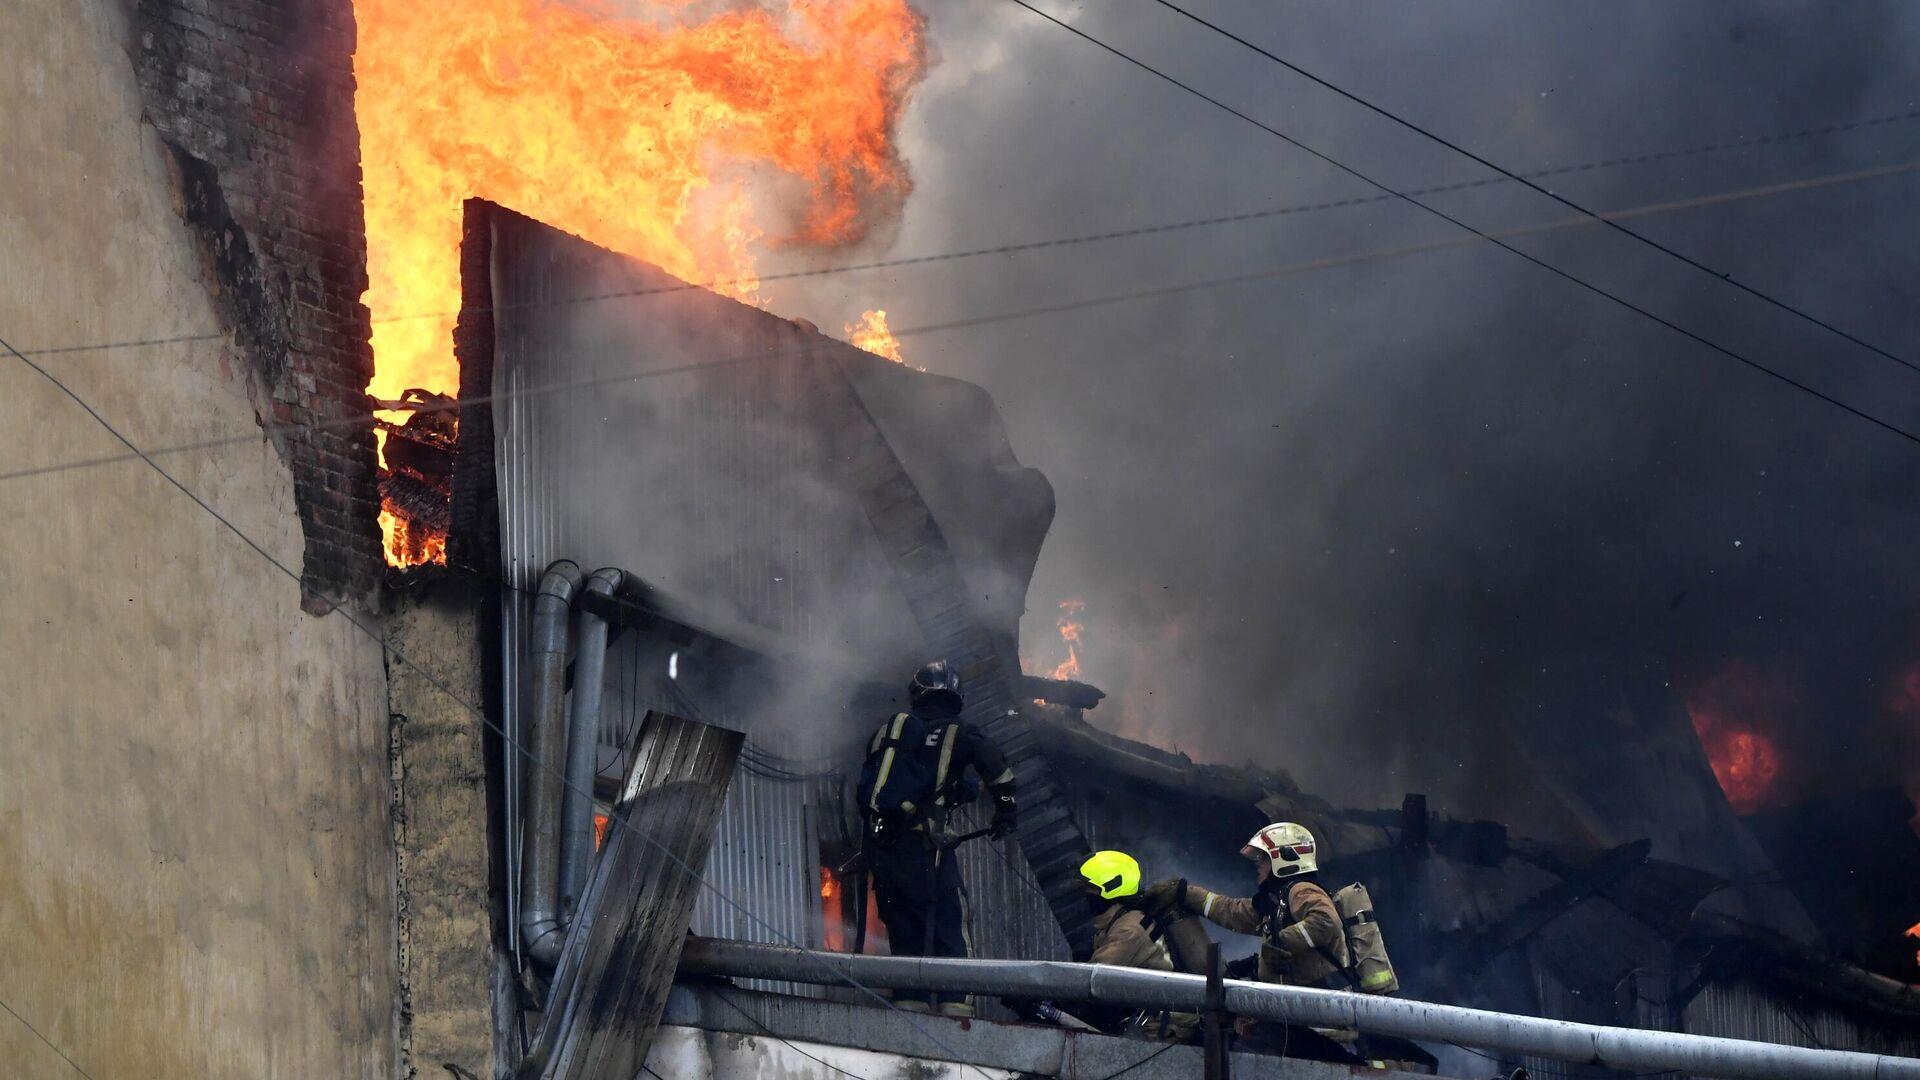 Пожар в доме на Лиговском проспекте в центре Петербурга - РИА Новости, 1920, 25.07.2021